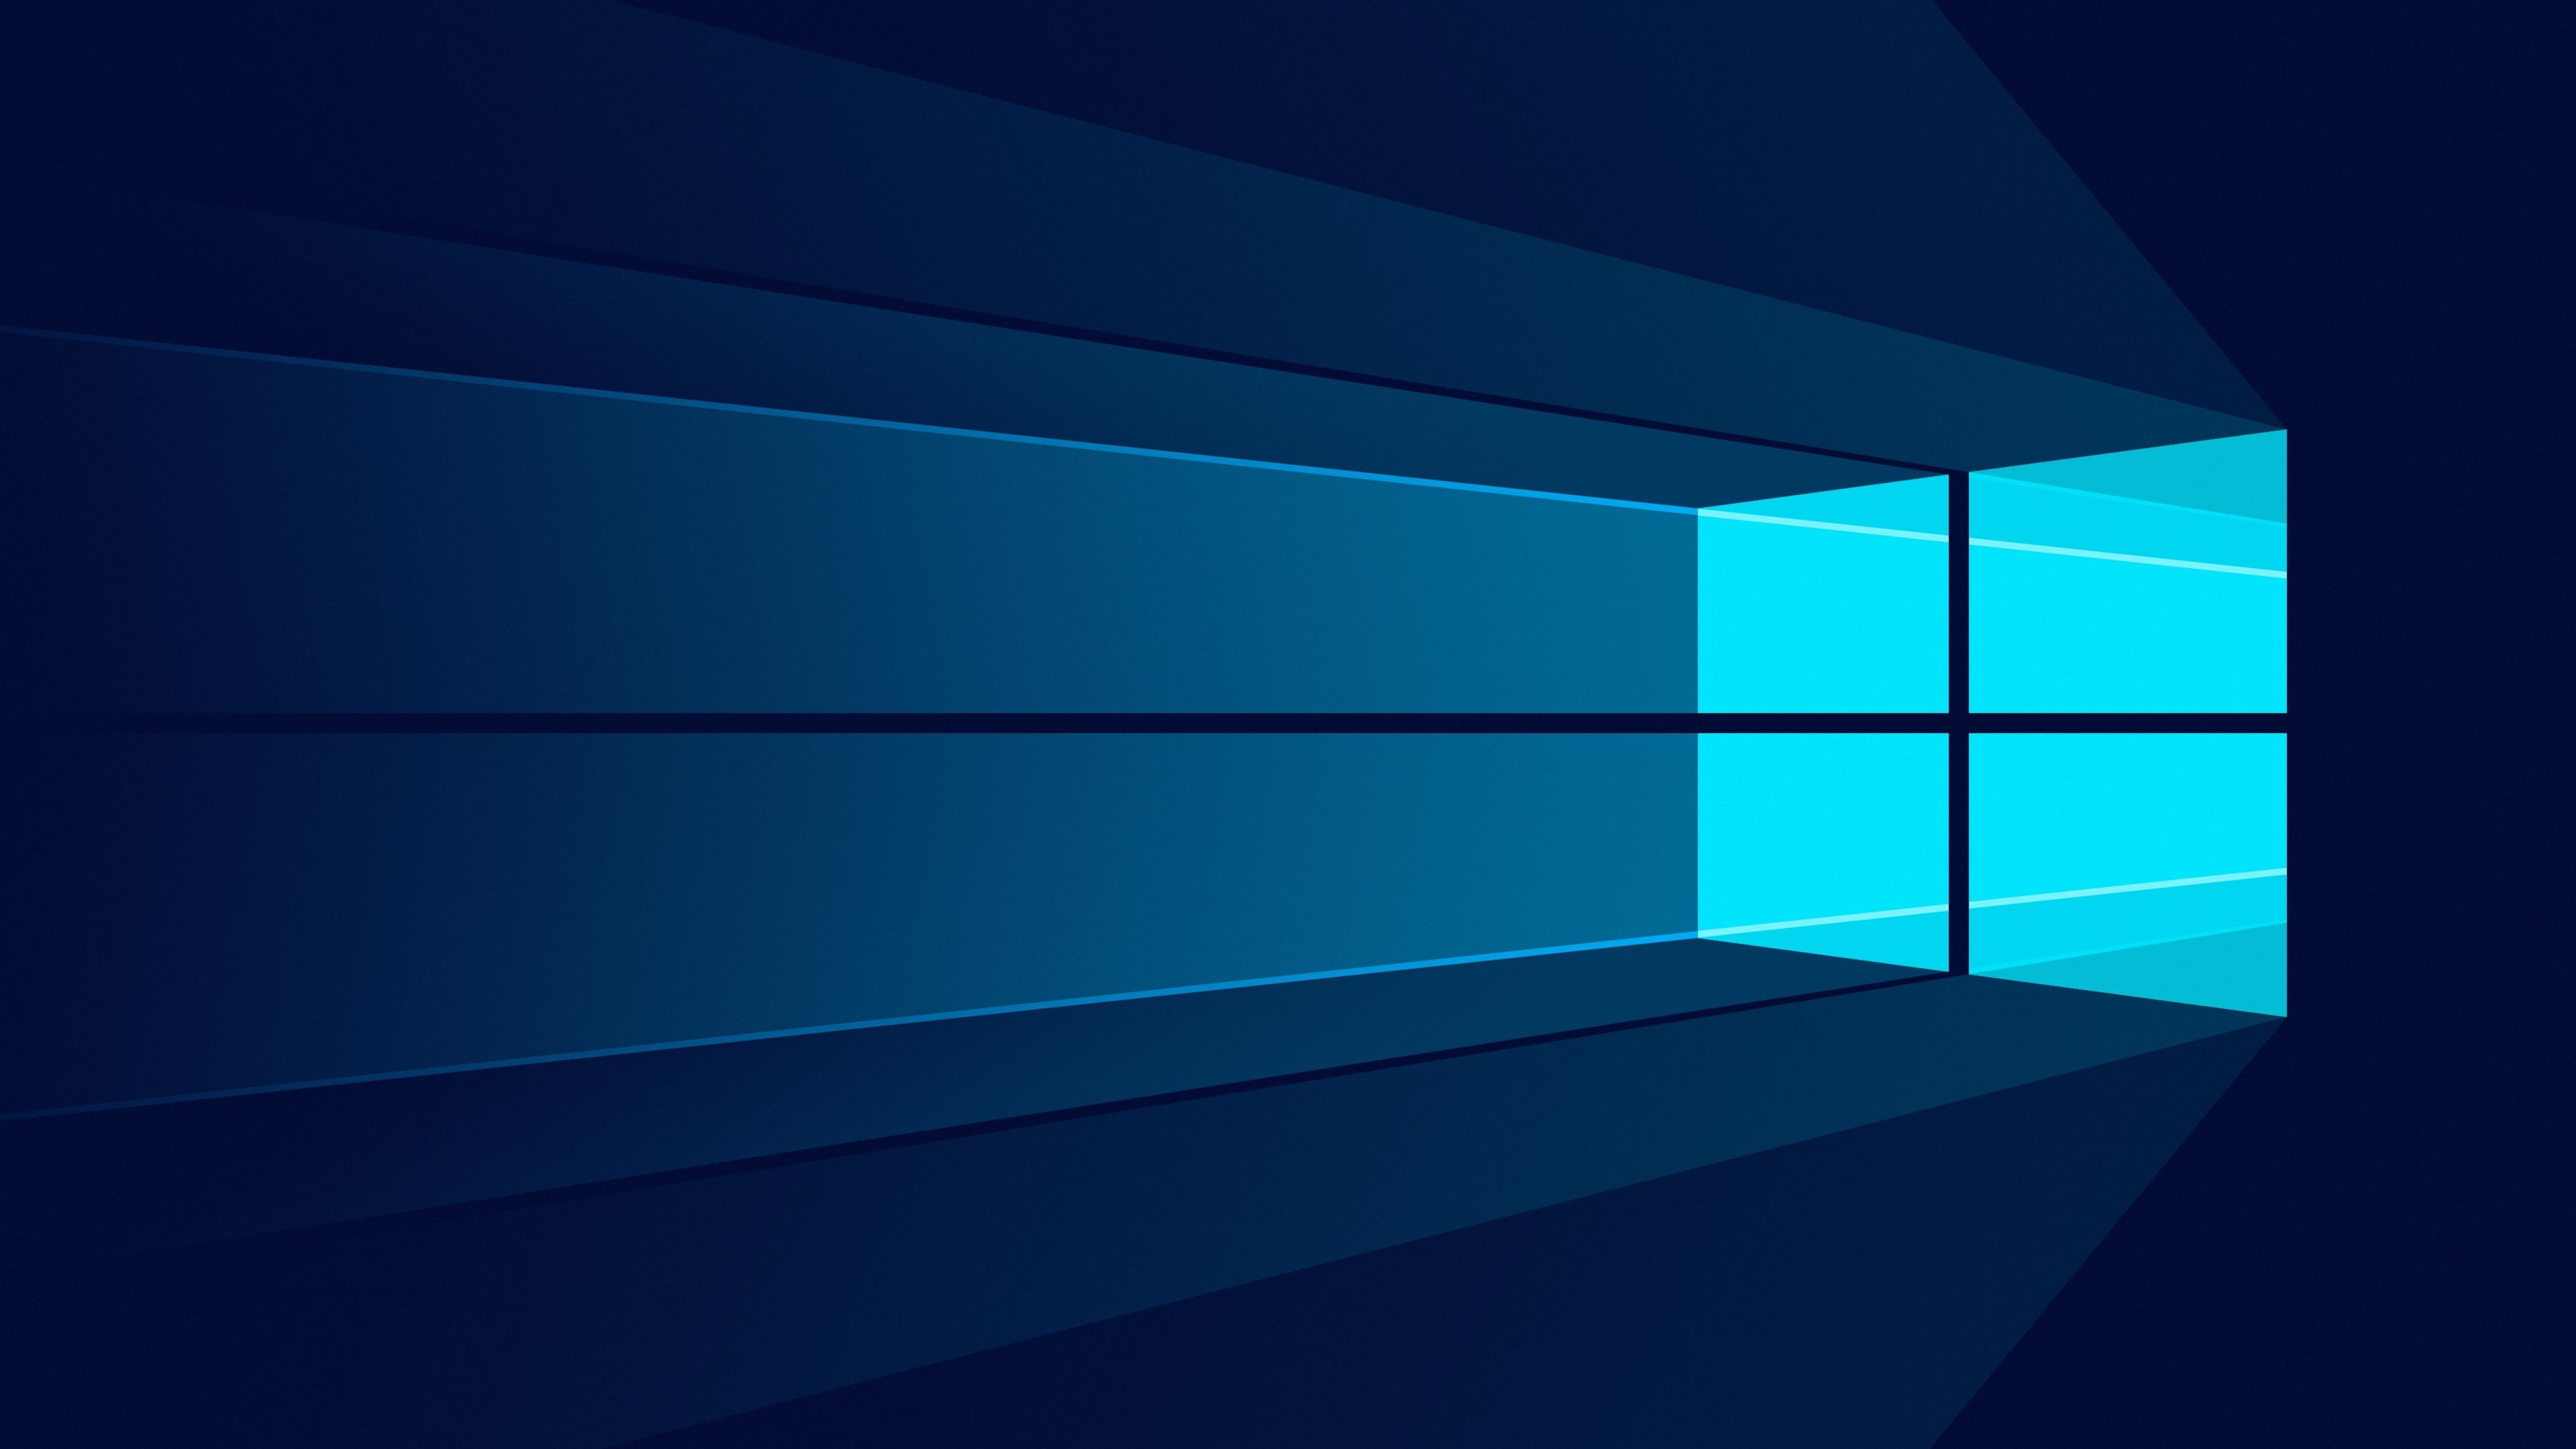 Windows 10 Minimal, HD 4K Wallpaper